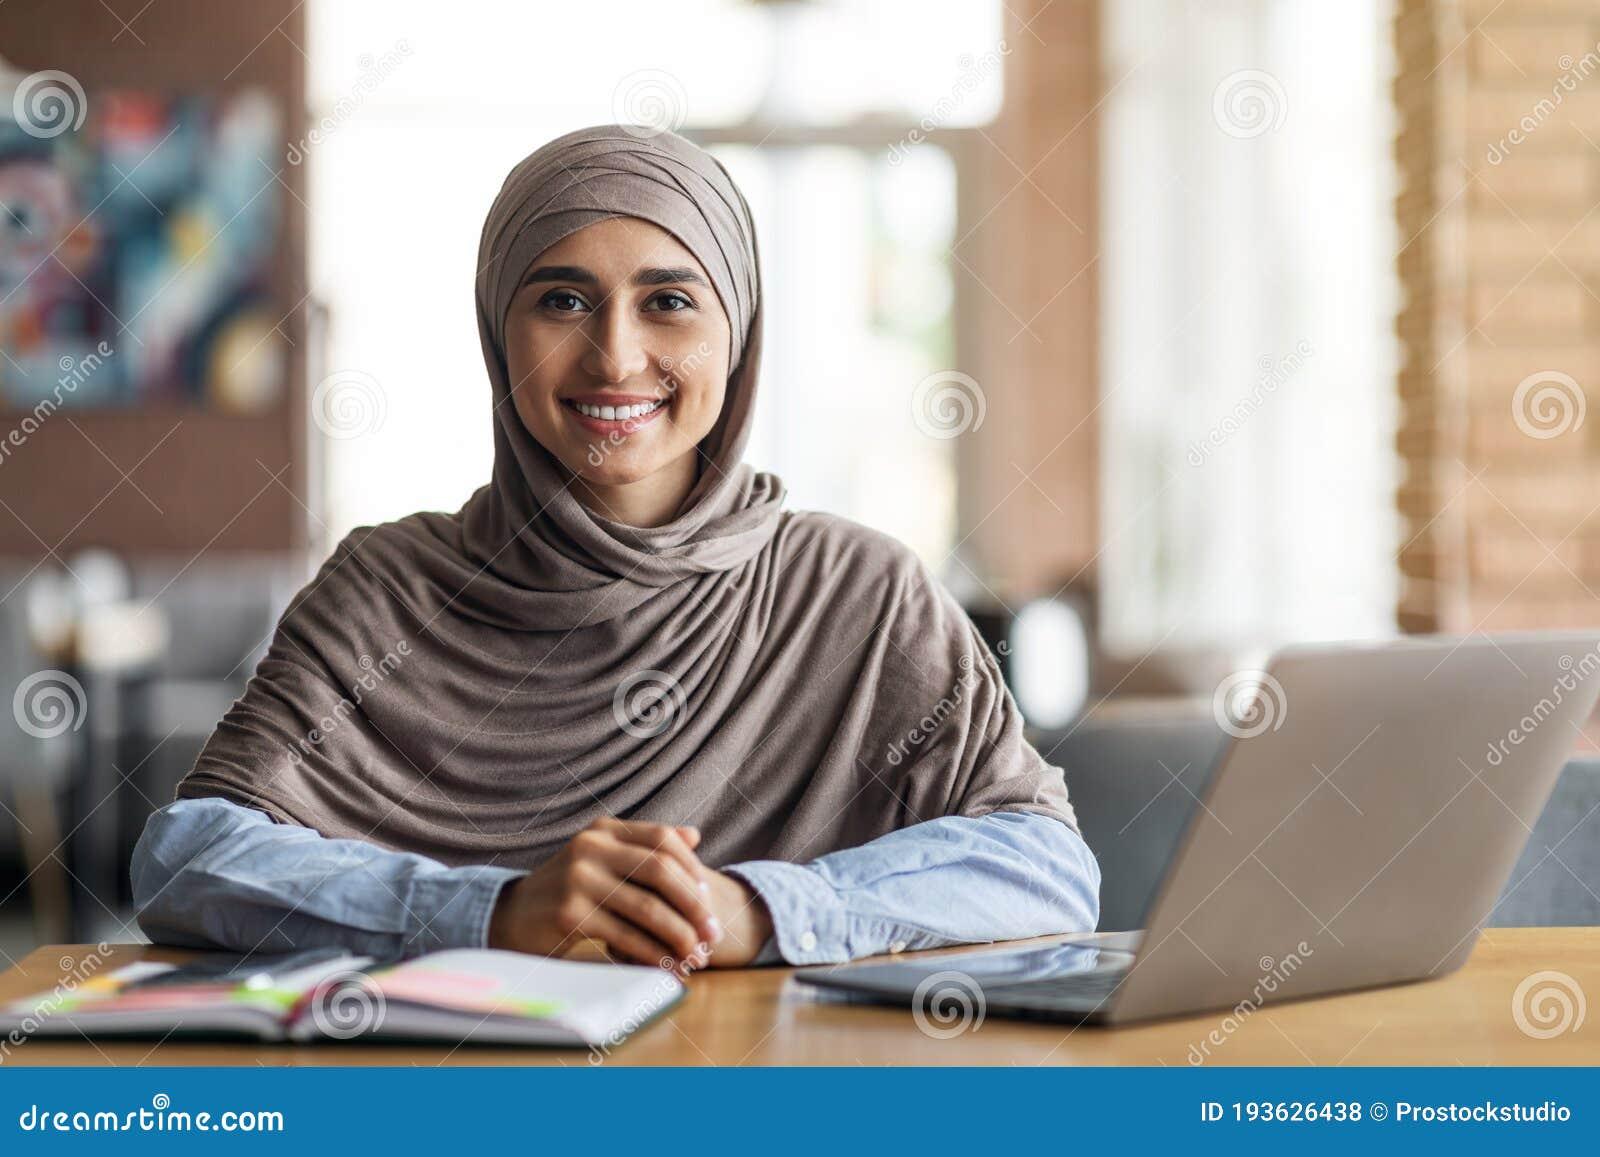 Девушка в поисках работы сайт веб моделей без регистрации